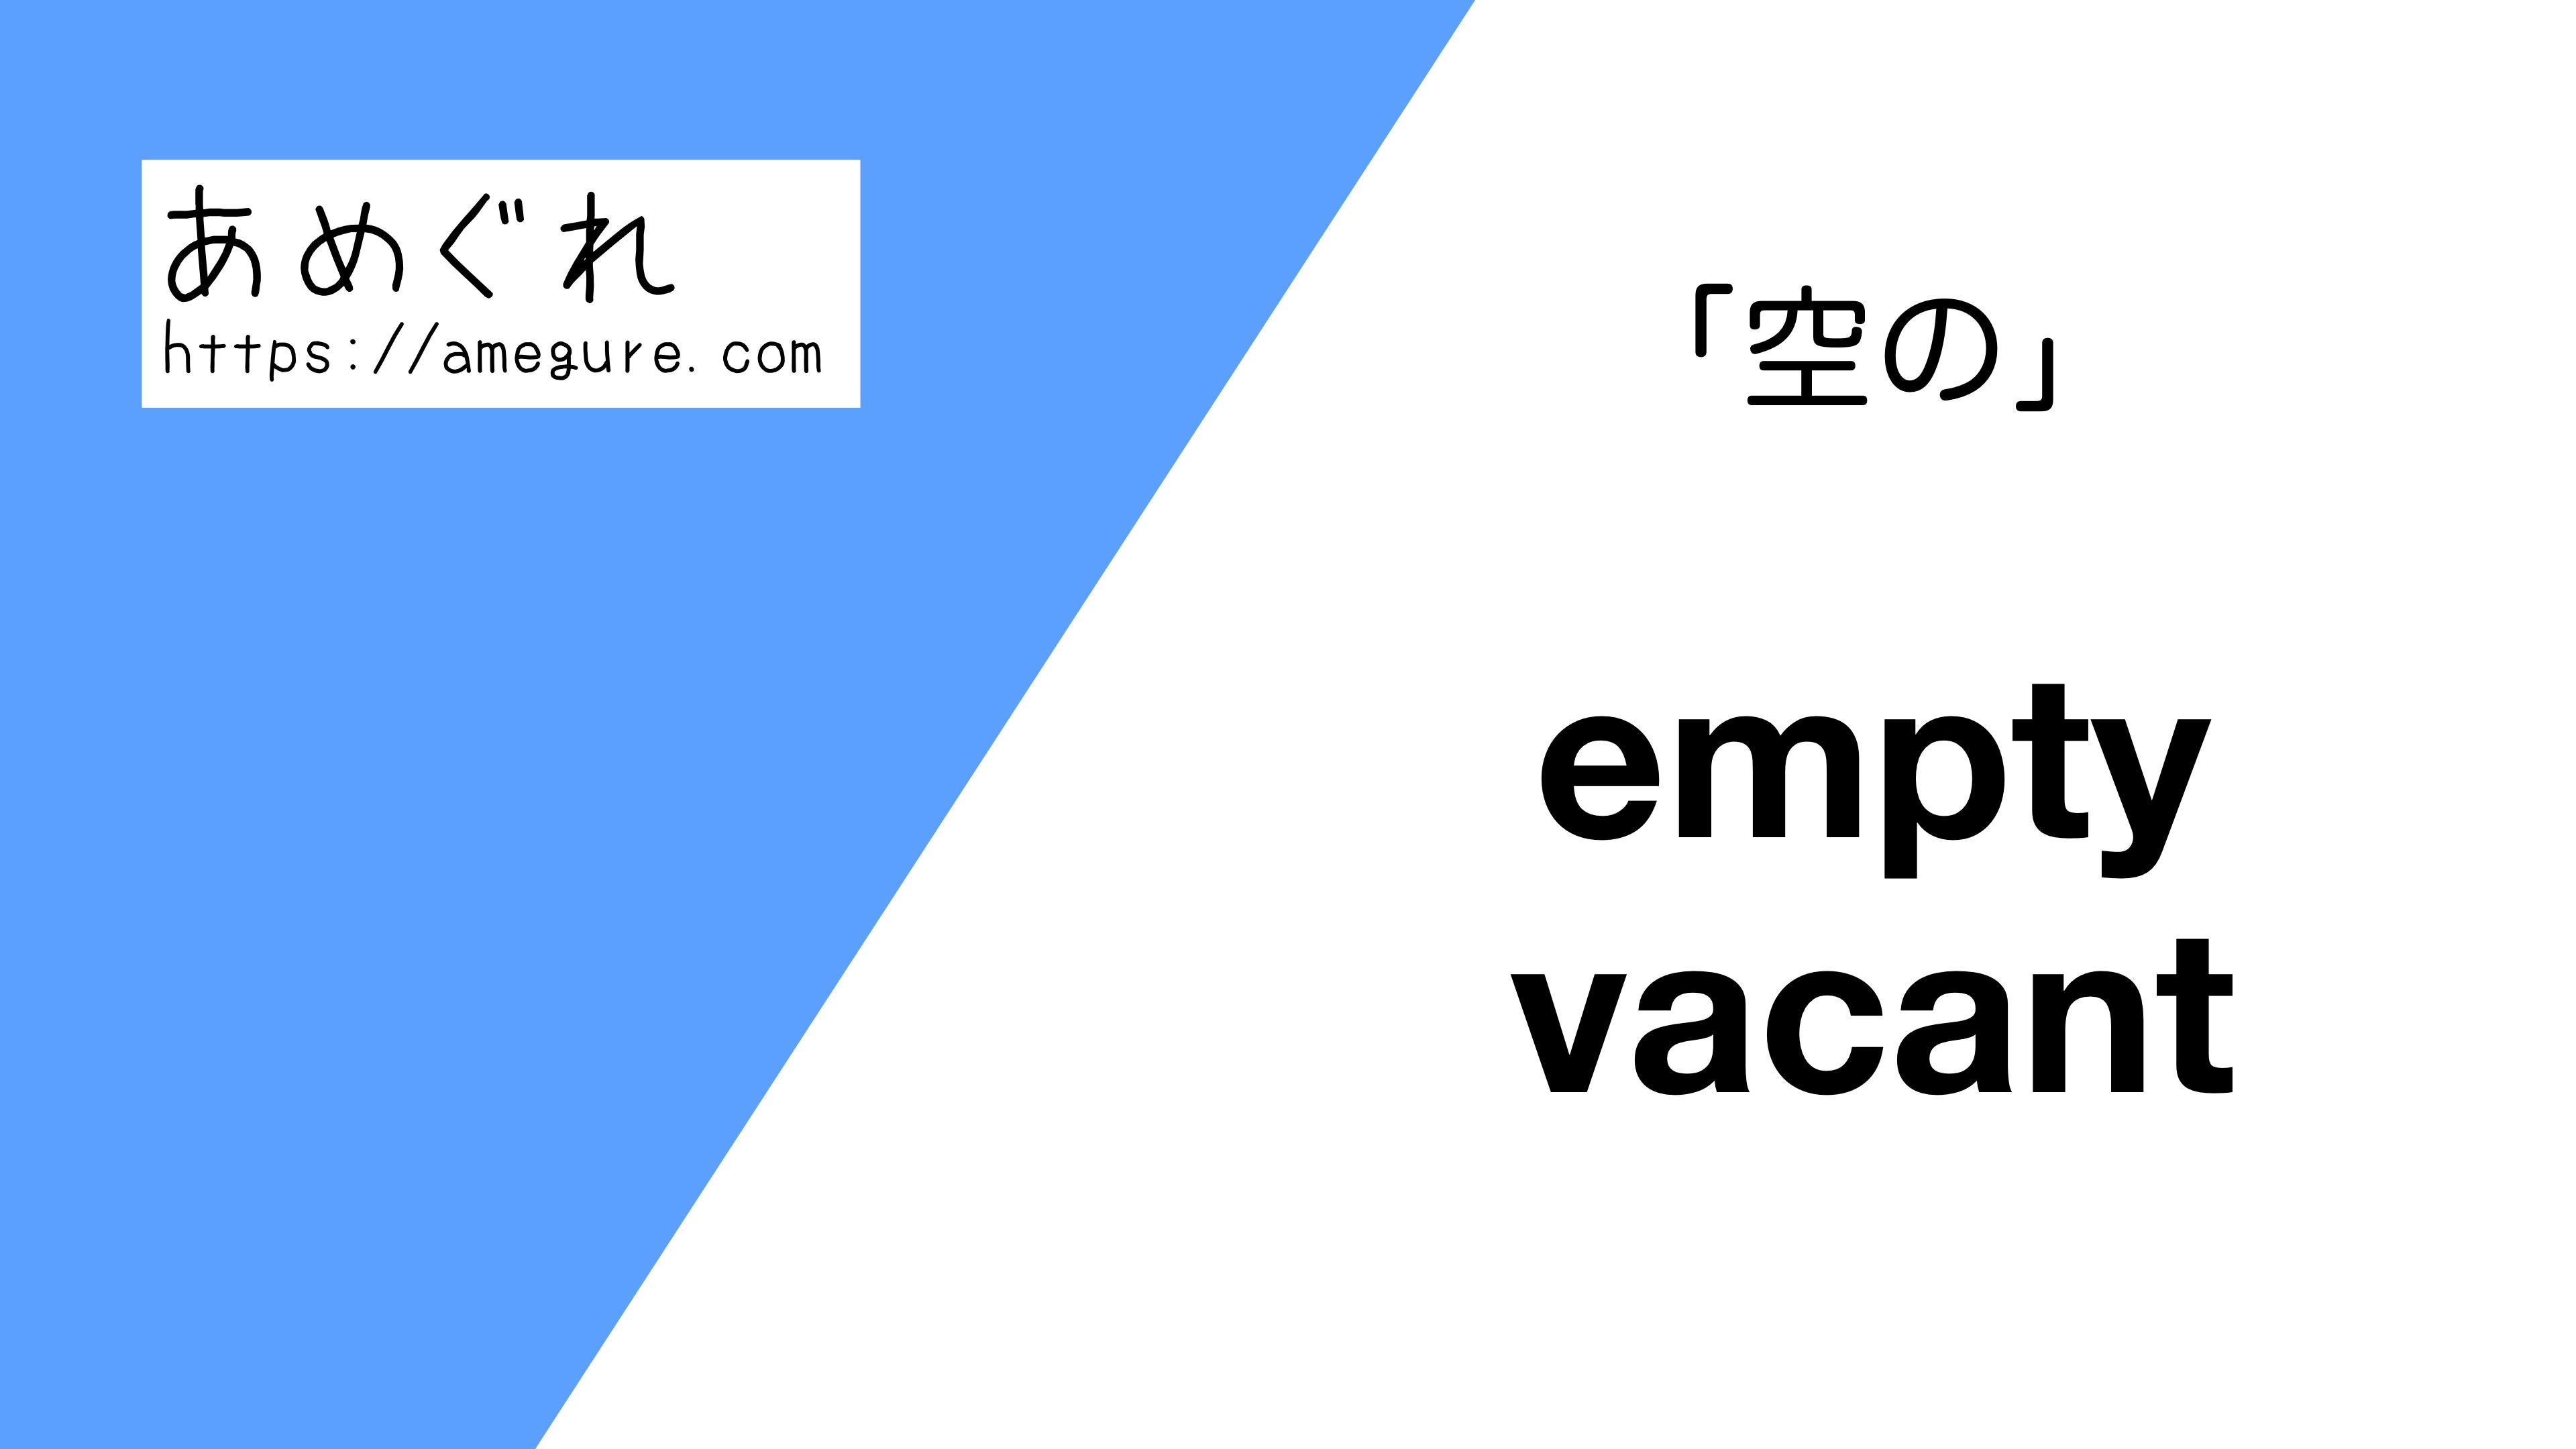 empty-vacant違い